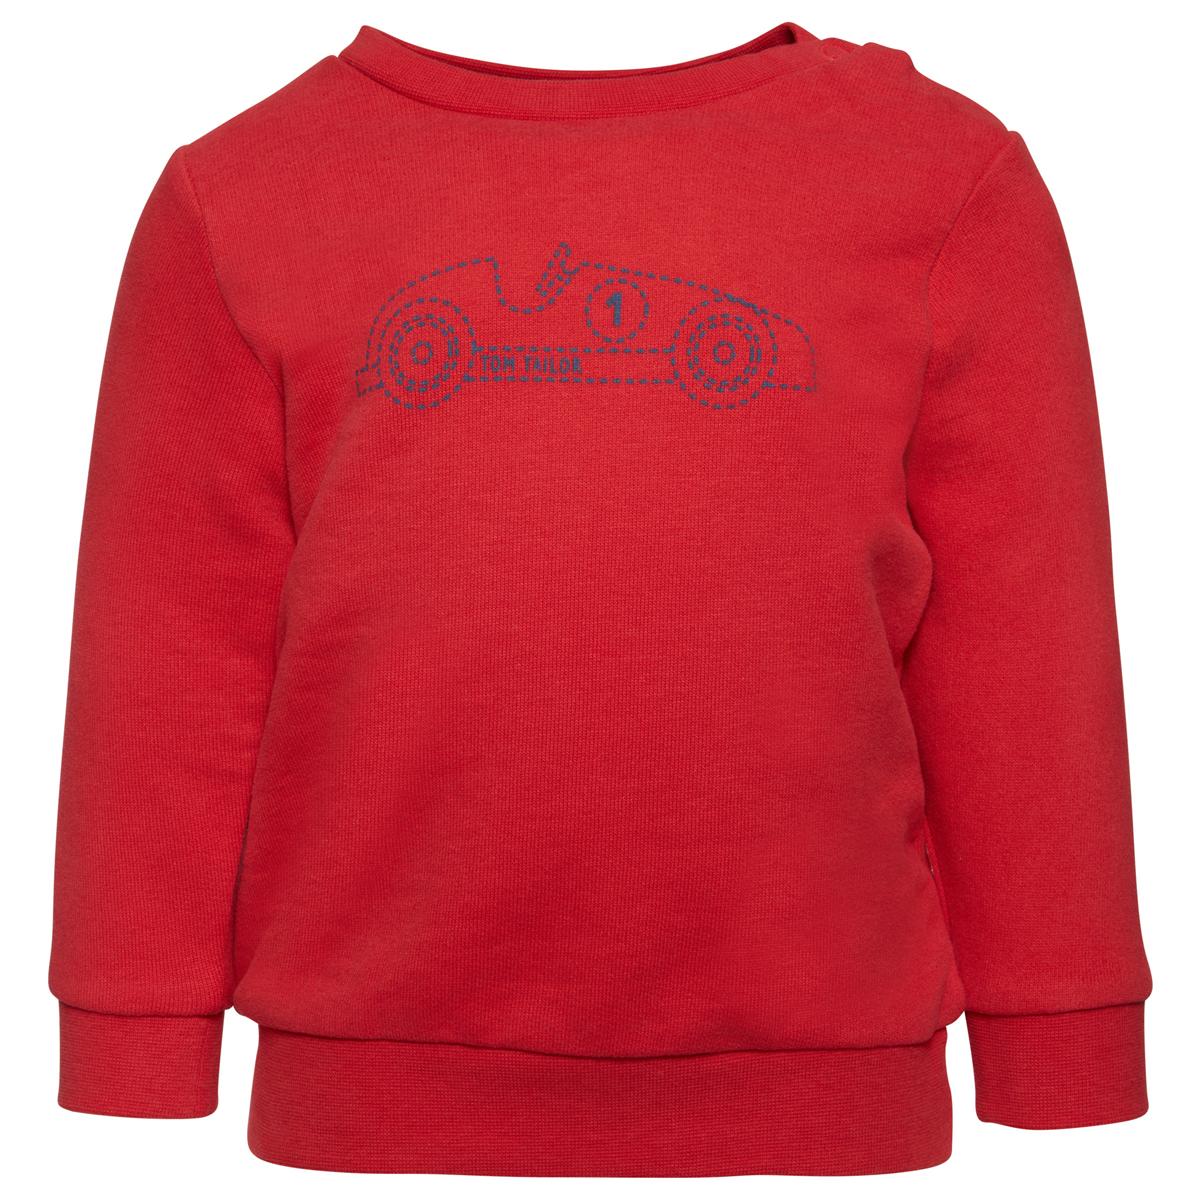 Толстовка детская Tom Tailor, цвет: красный. 2530111.00.22_5516. Размер 862530111.00.22_5516Лонгслив выполнен из высококачественного материала. Модель с круглым вырезом горловины, длинными рукавами оформлена принтовым рисунком. На плече дополнена кнопками.